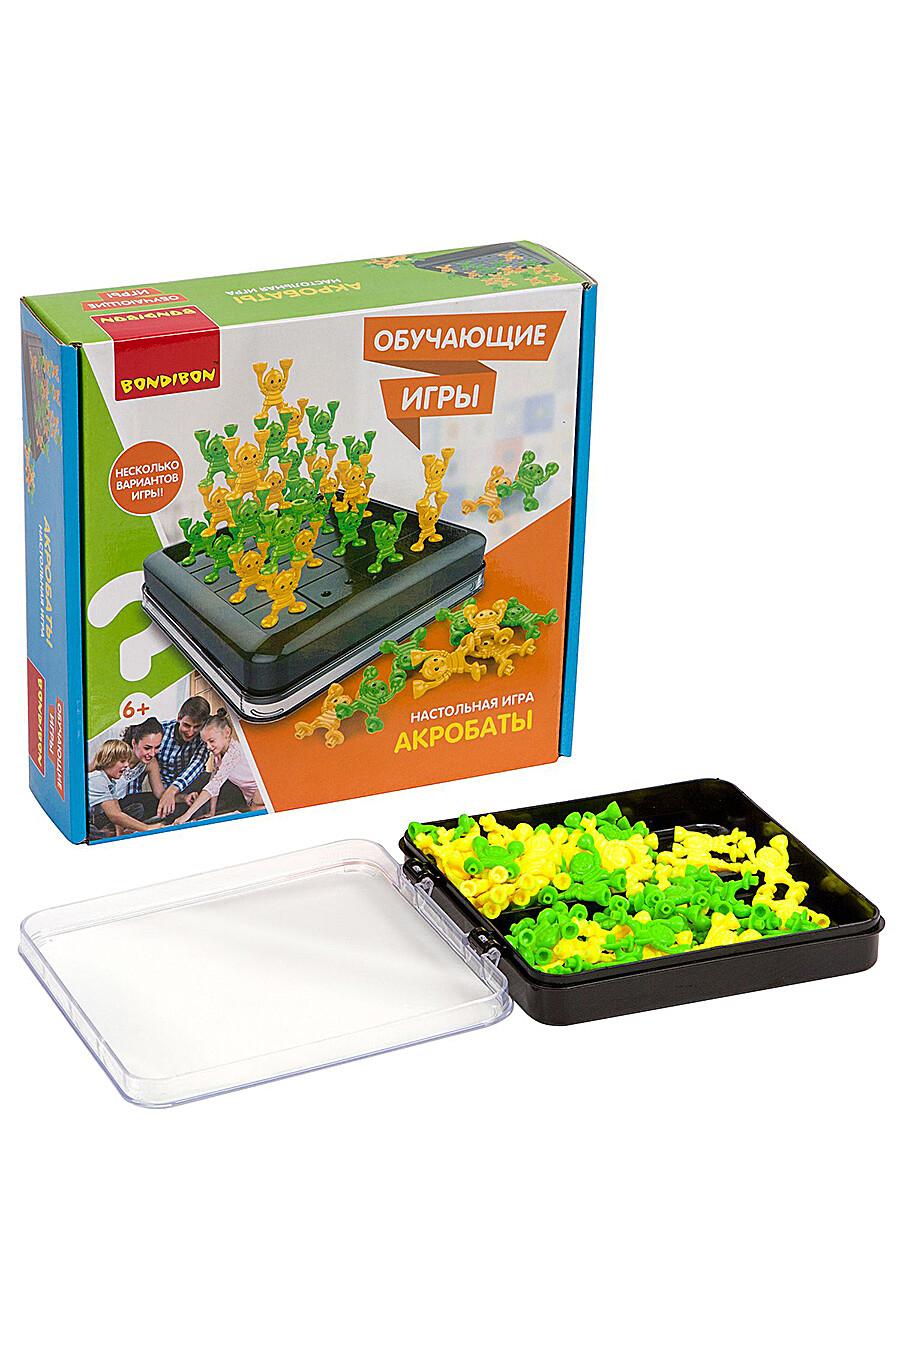 Обучающая игра для детей BONDIBON 157638 купить оптом от производителя. Совместная покупка игрушек в OptMoyo